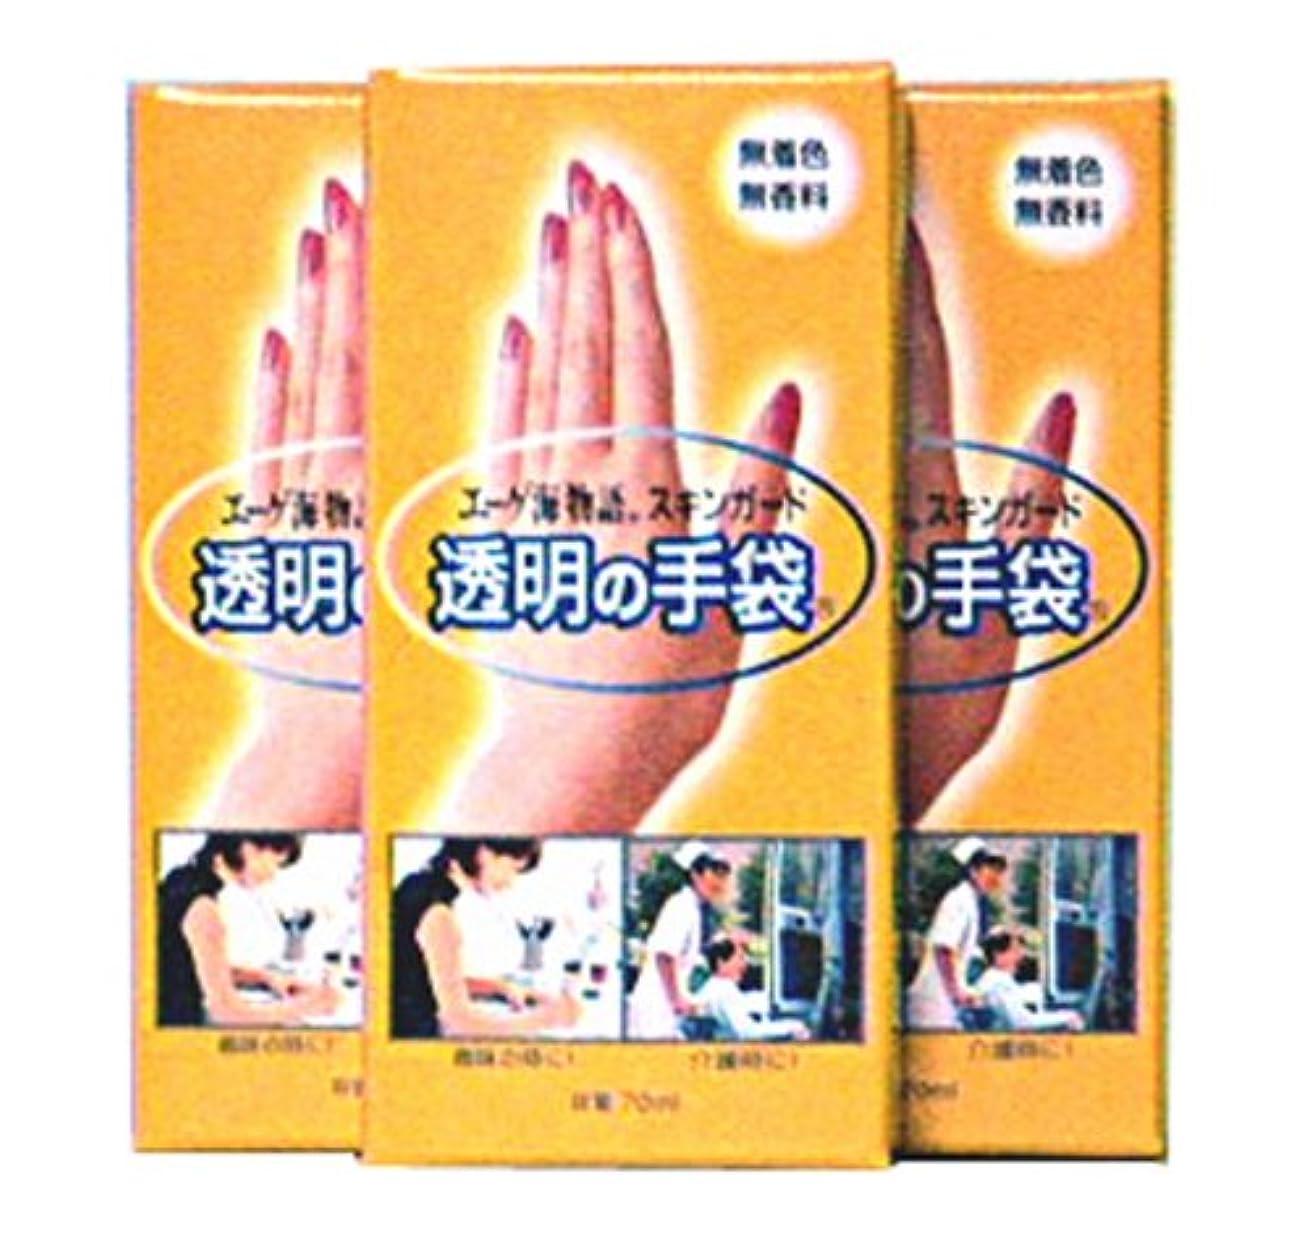 プットスライス説得力のあるエーゲ海物語スキンガード透明の手袋 3コセット